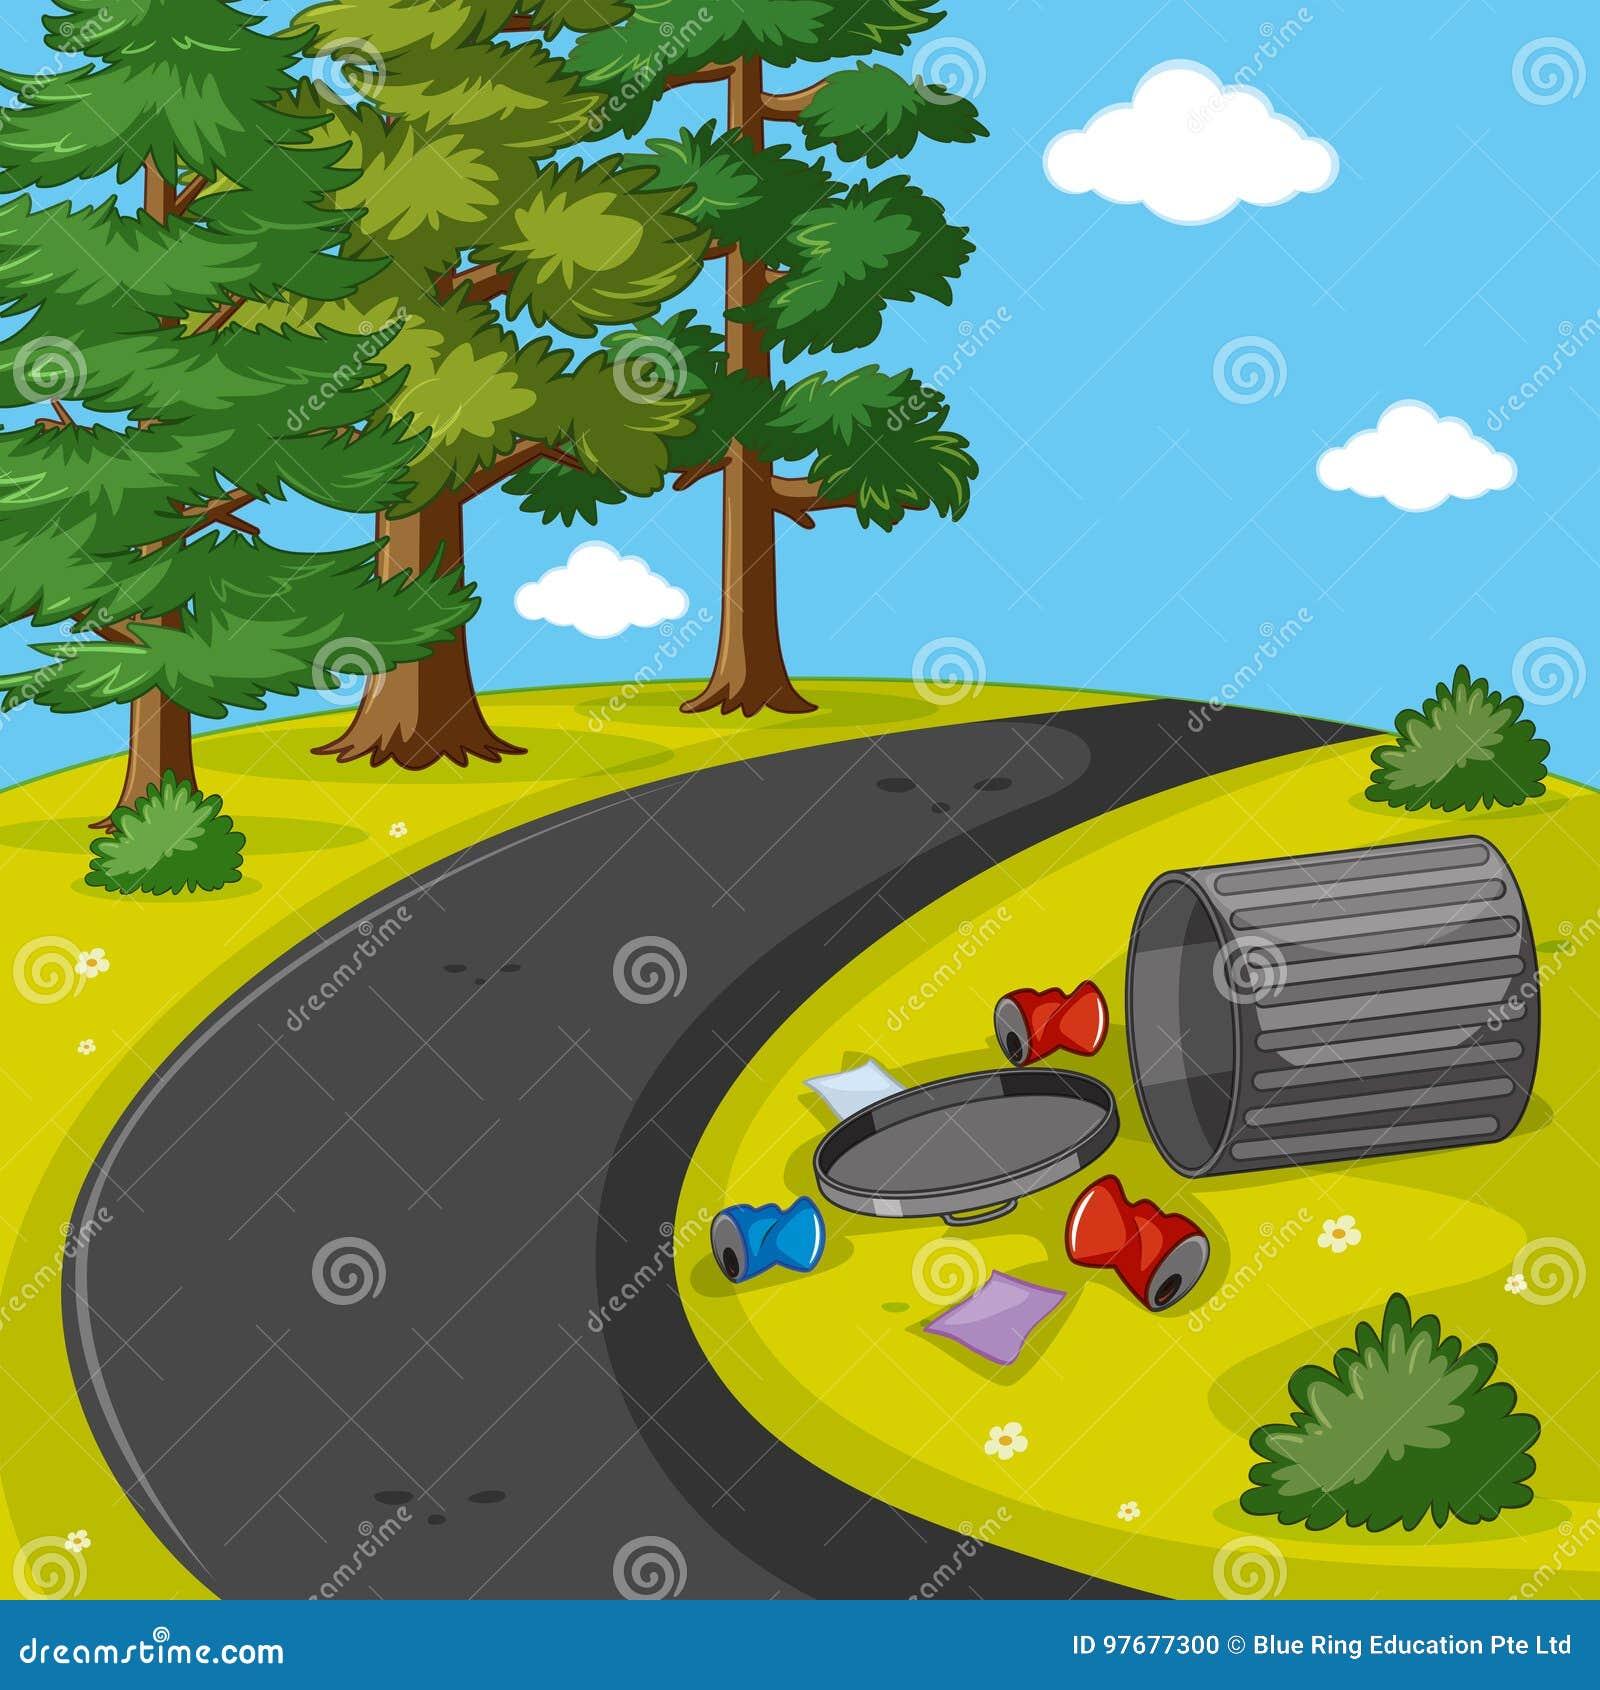 Plats med avfall i parkera